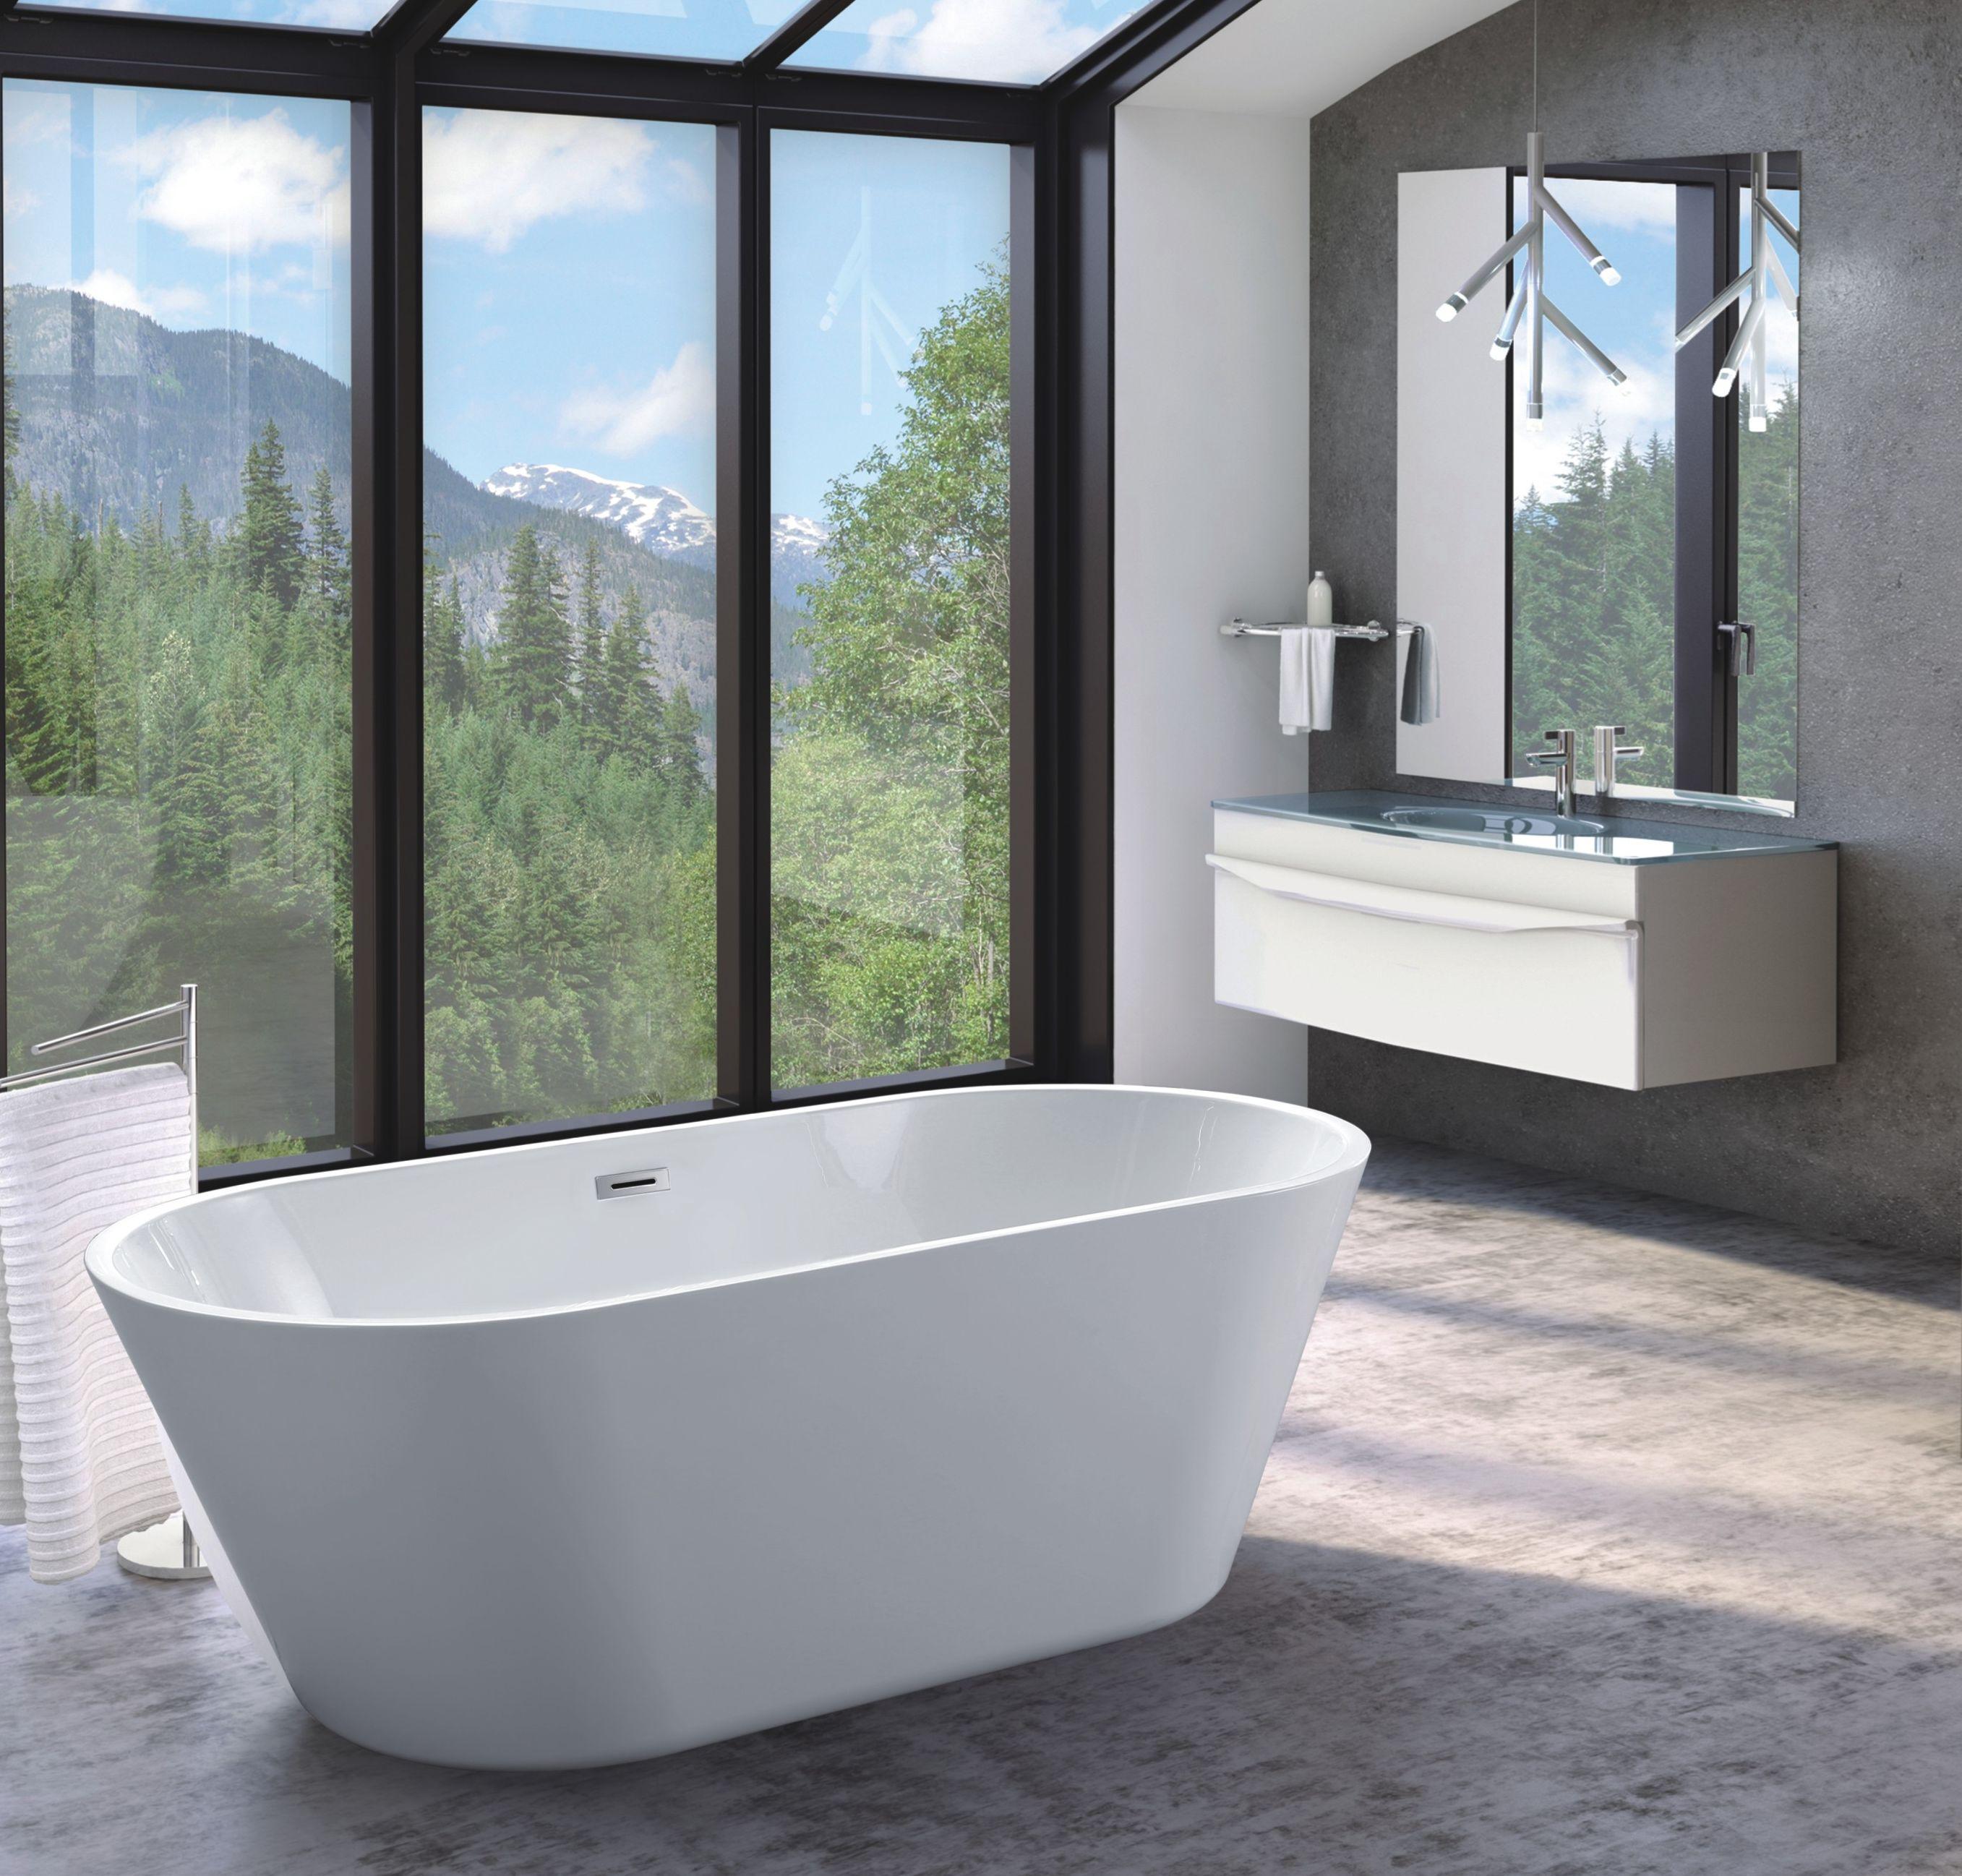 Freistehende Badewanne HORNO - 180